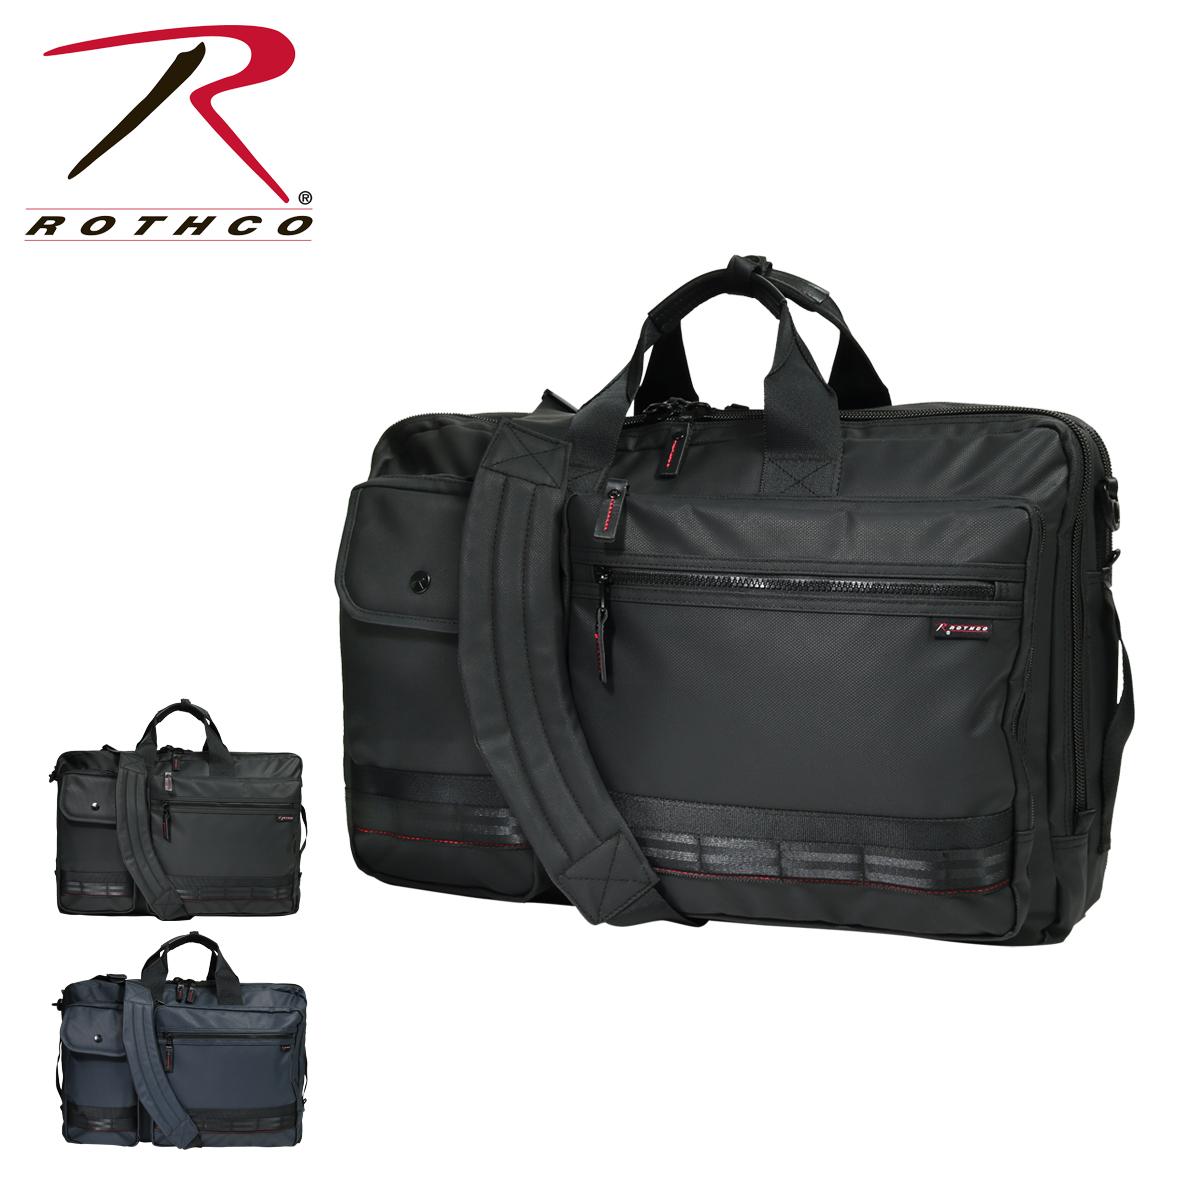 ロスコ ビジネスバッグ 3WAY A3 レッドライン メンズ 45006 ROTHCO   ガーメントケース ビジネスリュック 撥水 大容量 拡張[PO10]